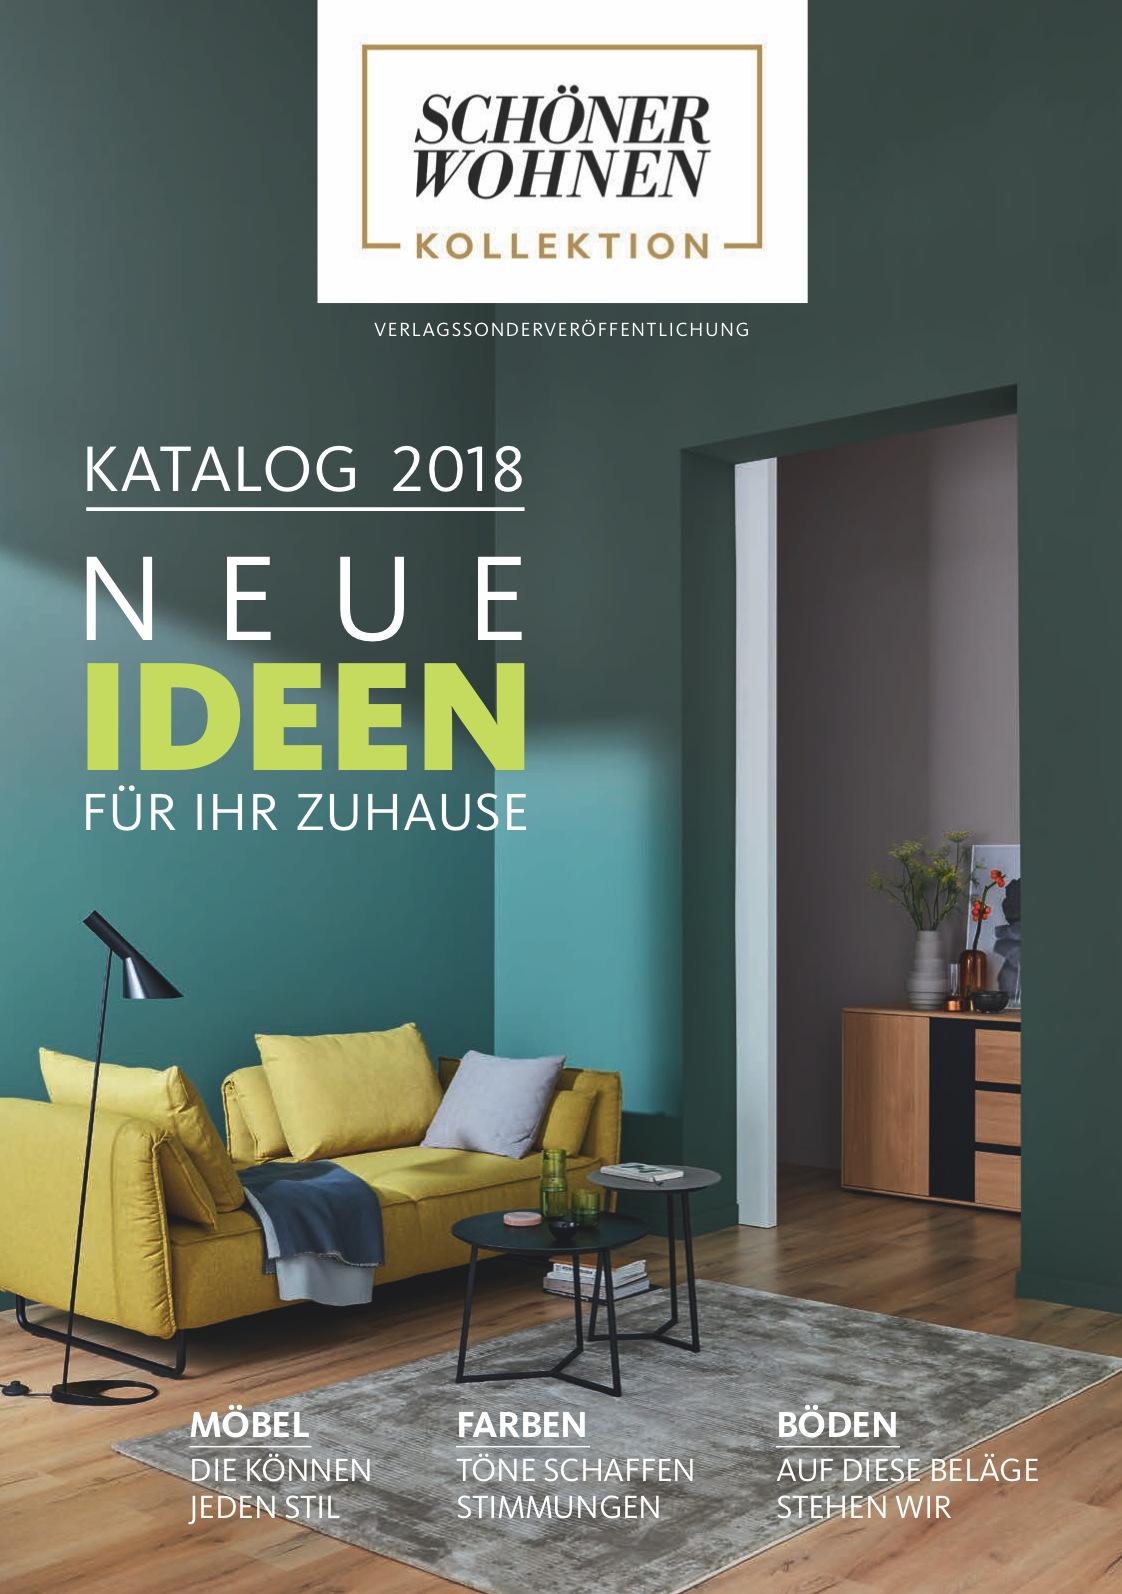 neues von der sch ner wohnen kollektion das sind die trends 2018 pressemitteilung gruner jahr. Black Bedroom Furniture Sets. Home Design Ideas